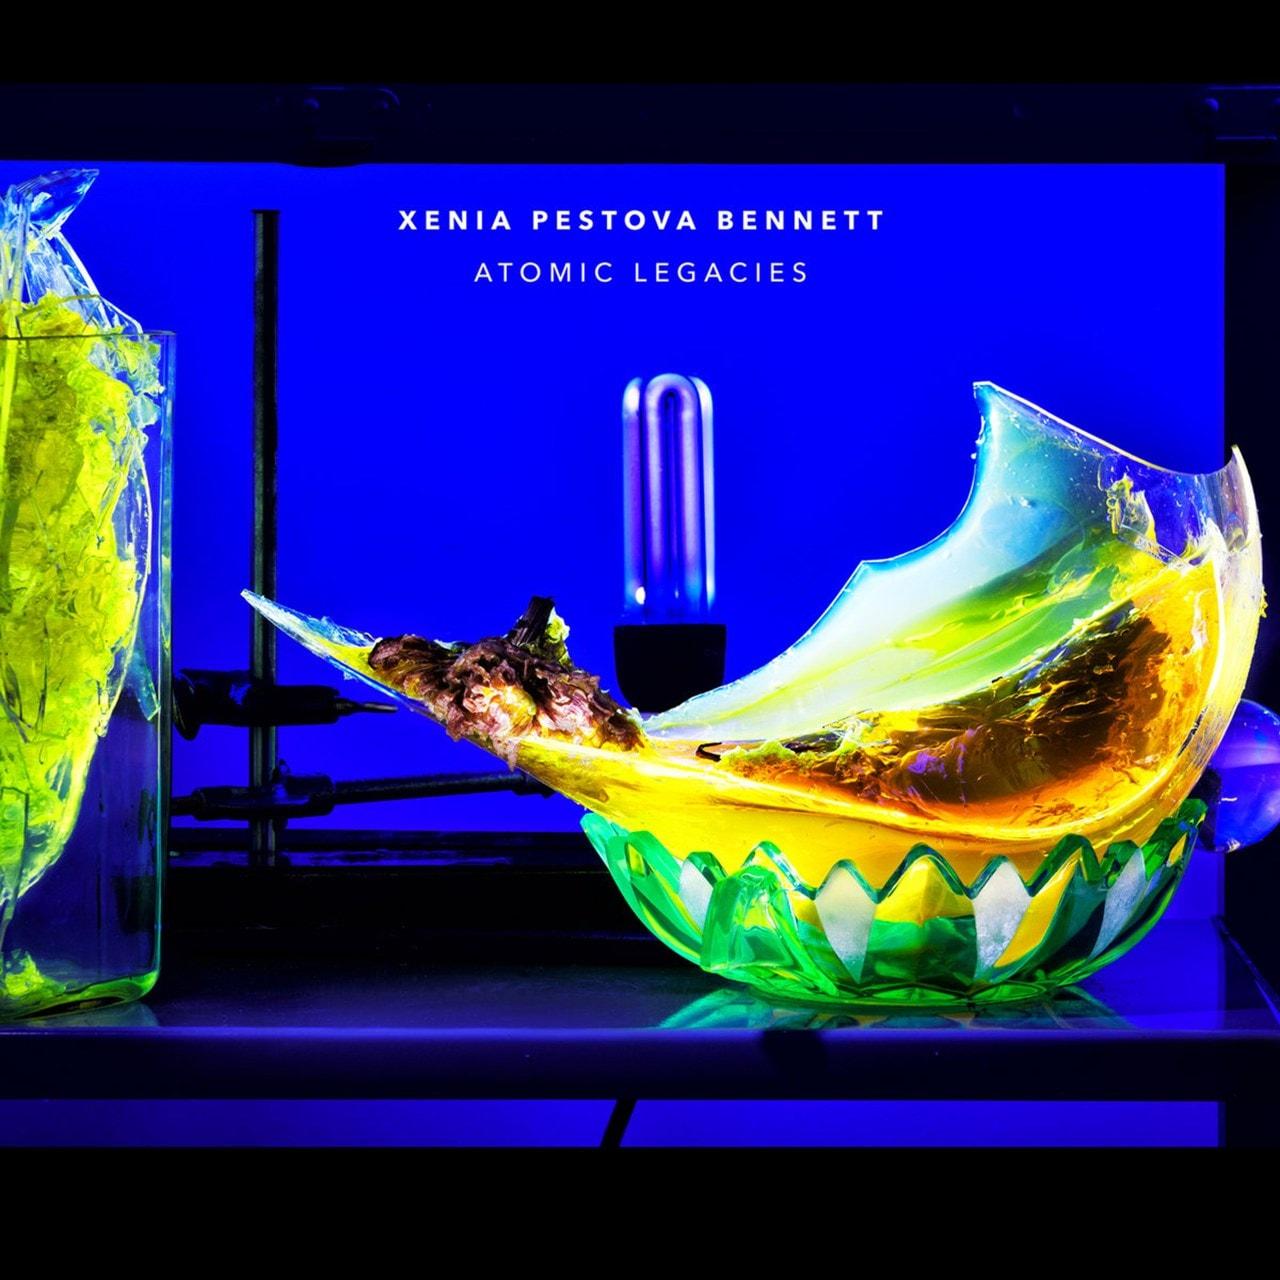 Xenia Pestova Bennett: Atomic Legacies - 1